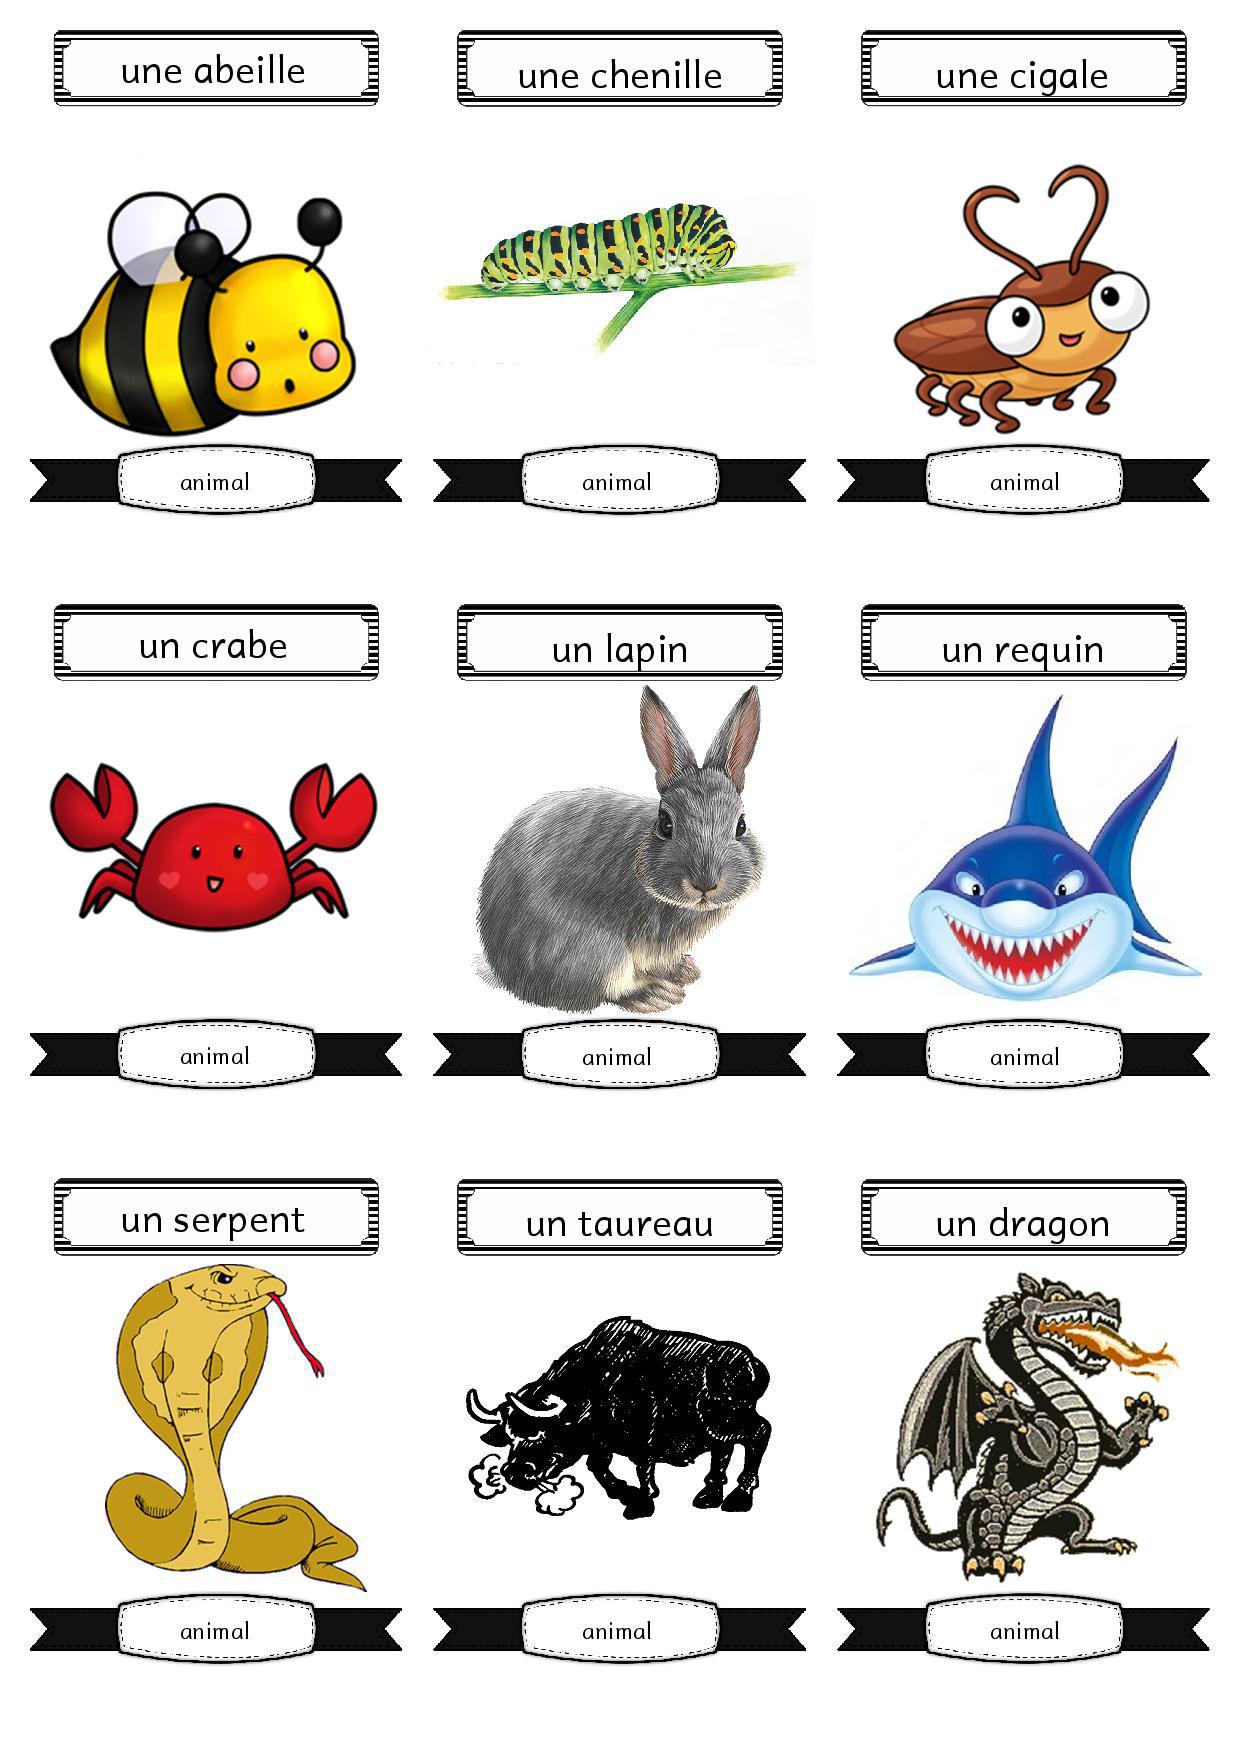 Jeux de mimes fiches de pr parations cycle1 cycle 2 ulis - Images animaux a imprimer ...